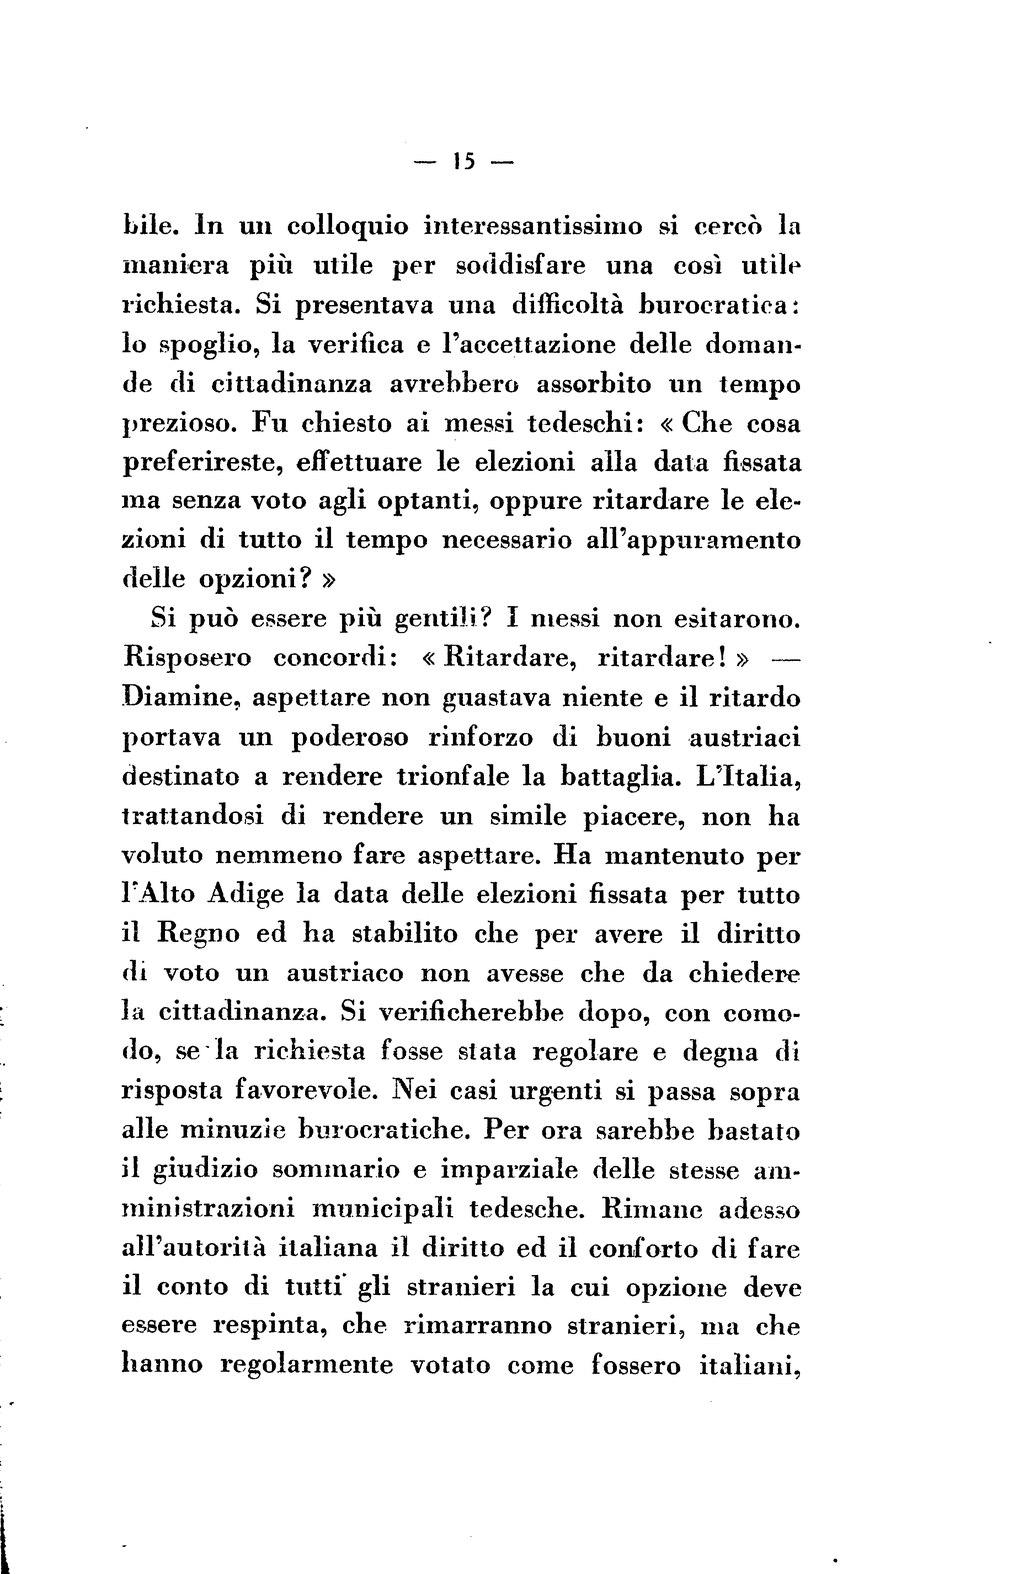 Pagina barzini una porta d 39 italia col tedesco per - Porta in tedesco ...